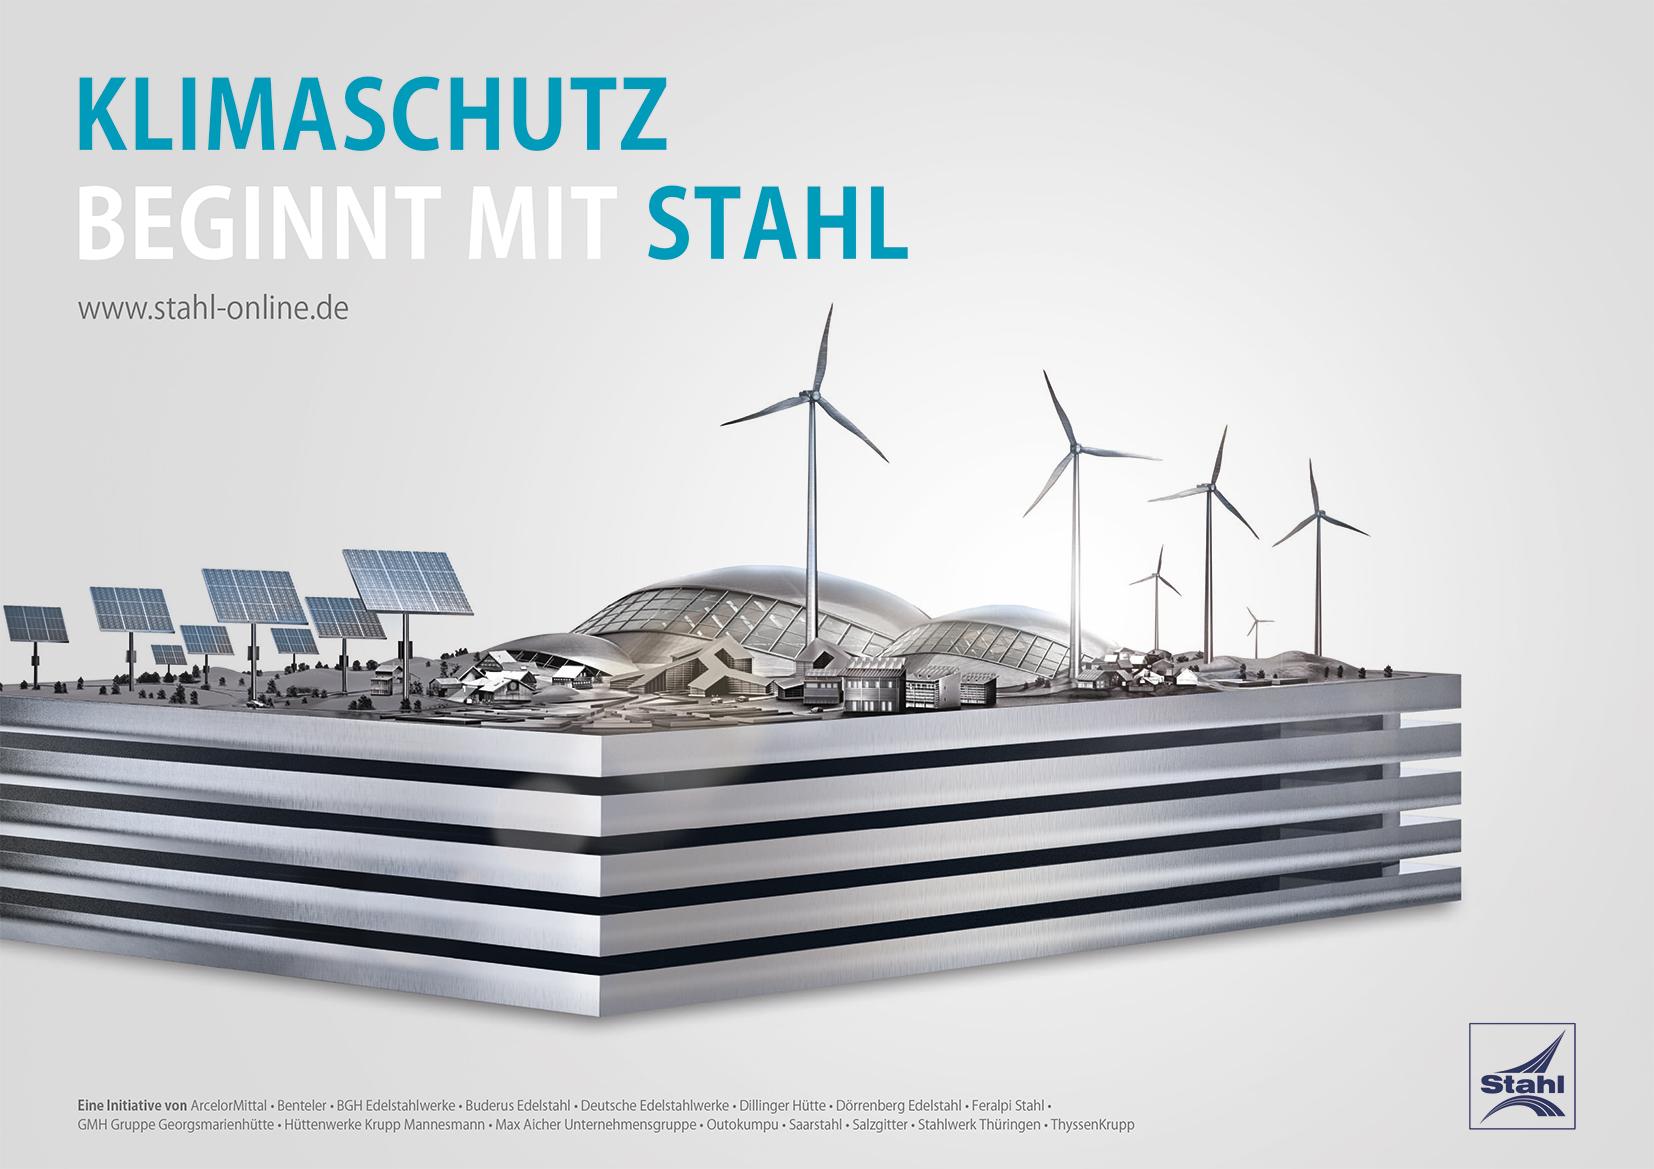 Klimaschutz beginnt mit Stahl